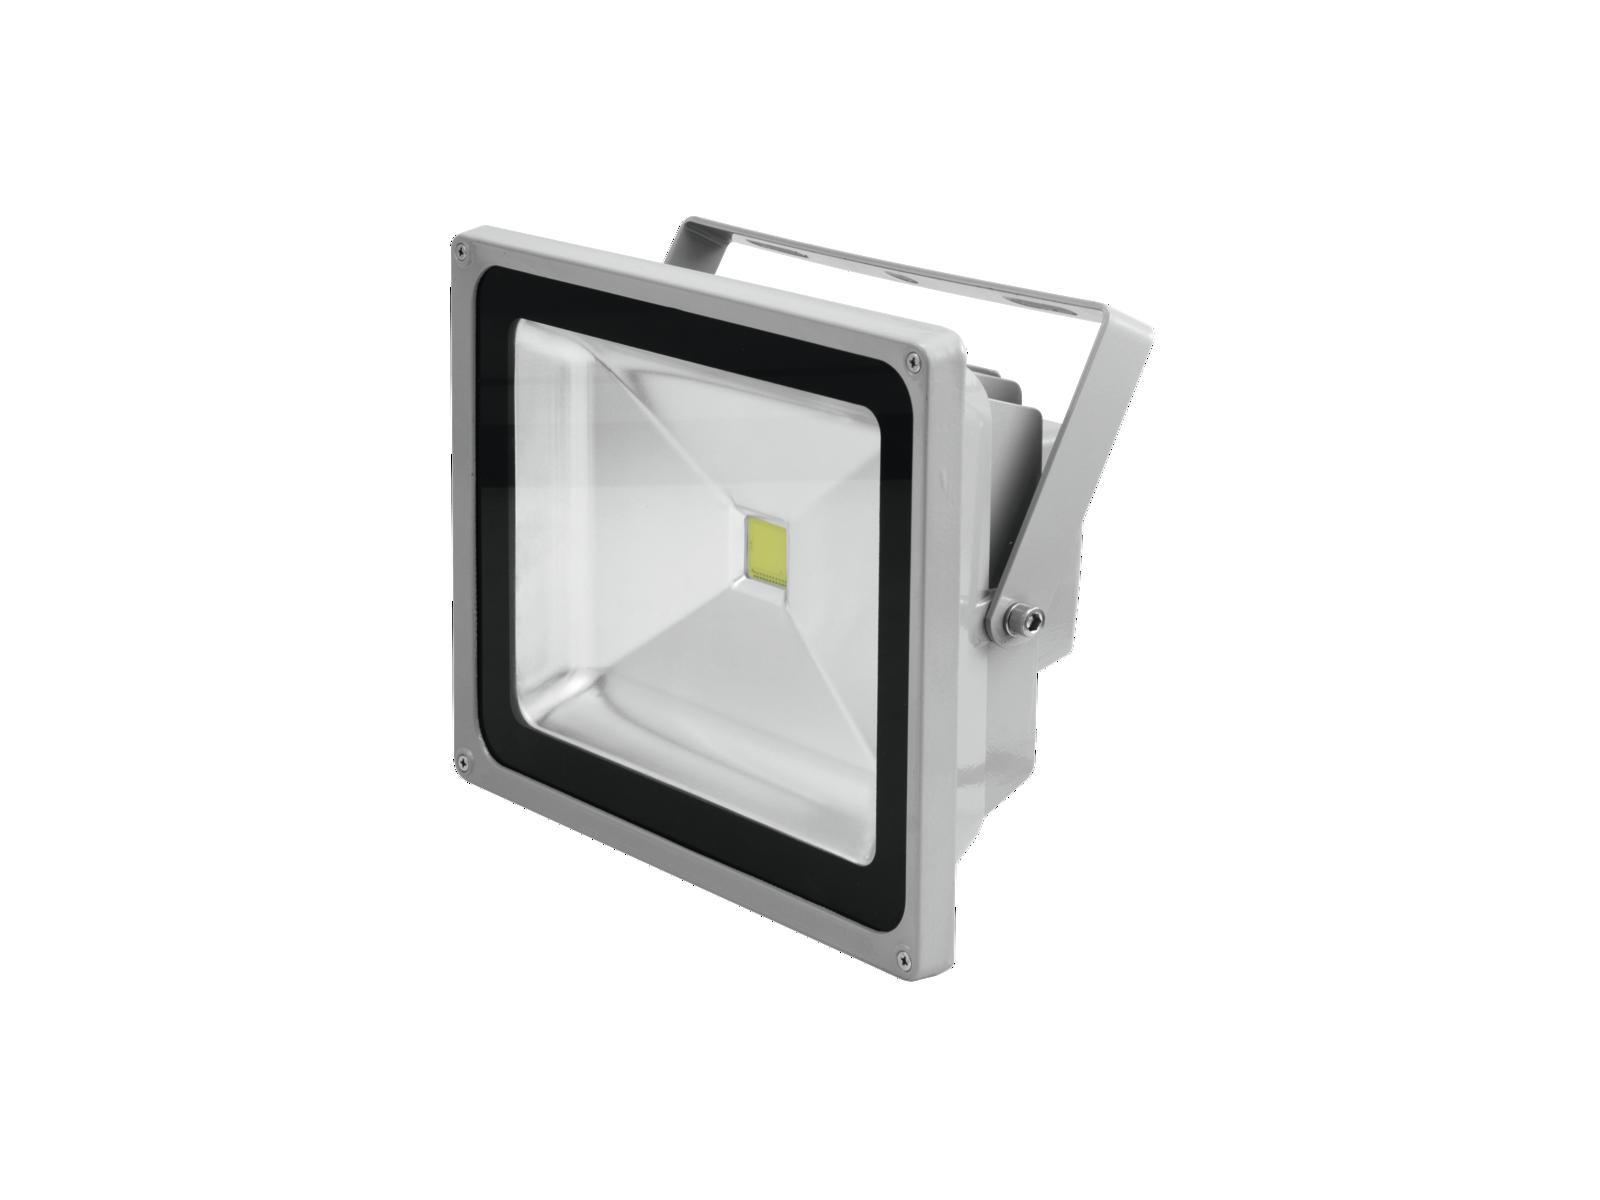 Eurolite LED reflektor IP FL-1x 30W COB 6400K 120, IP54